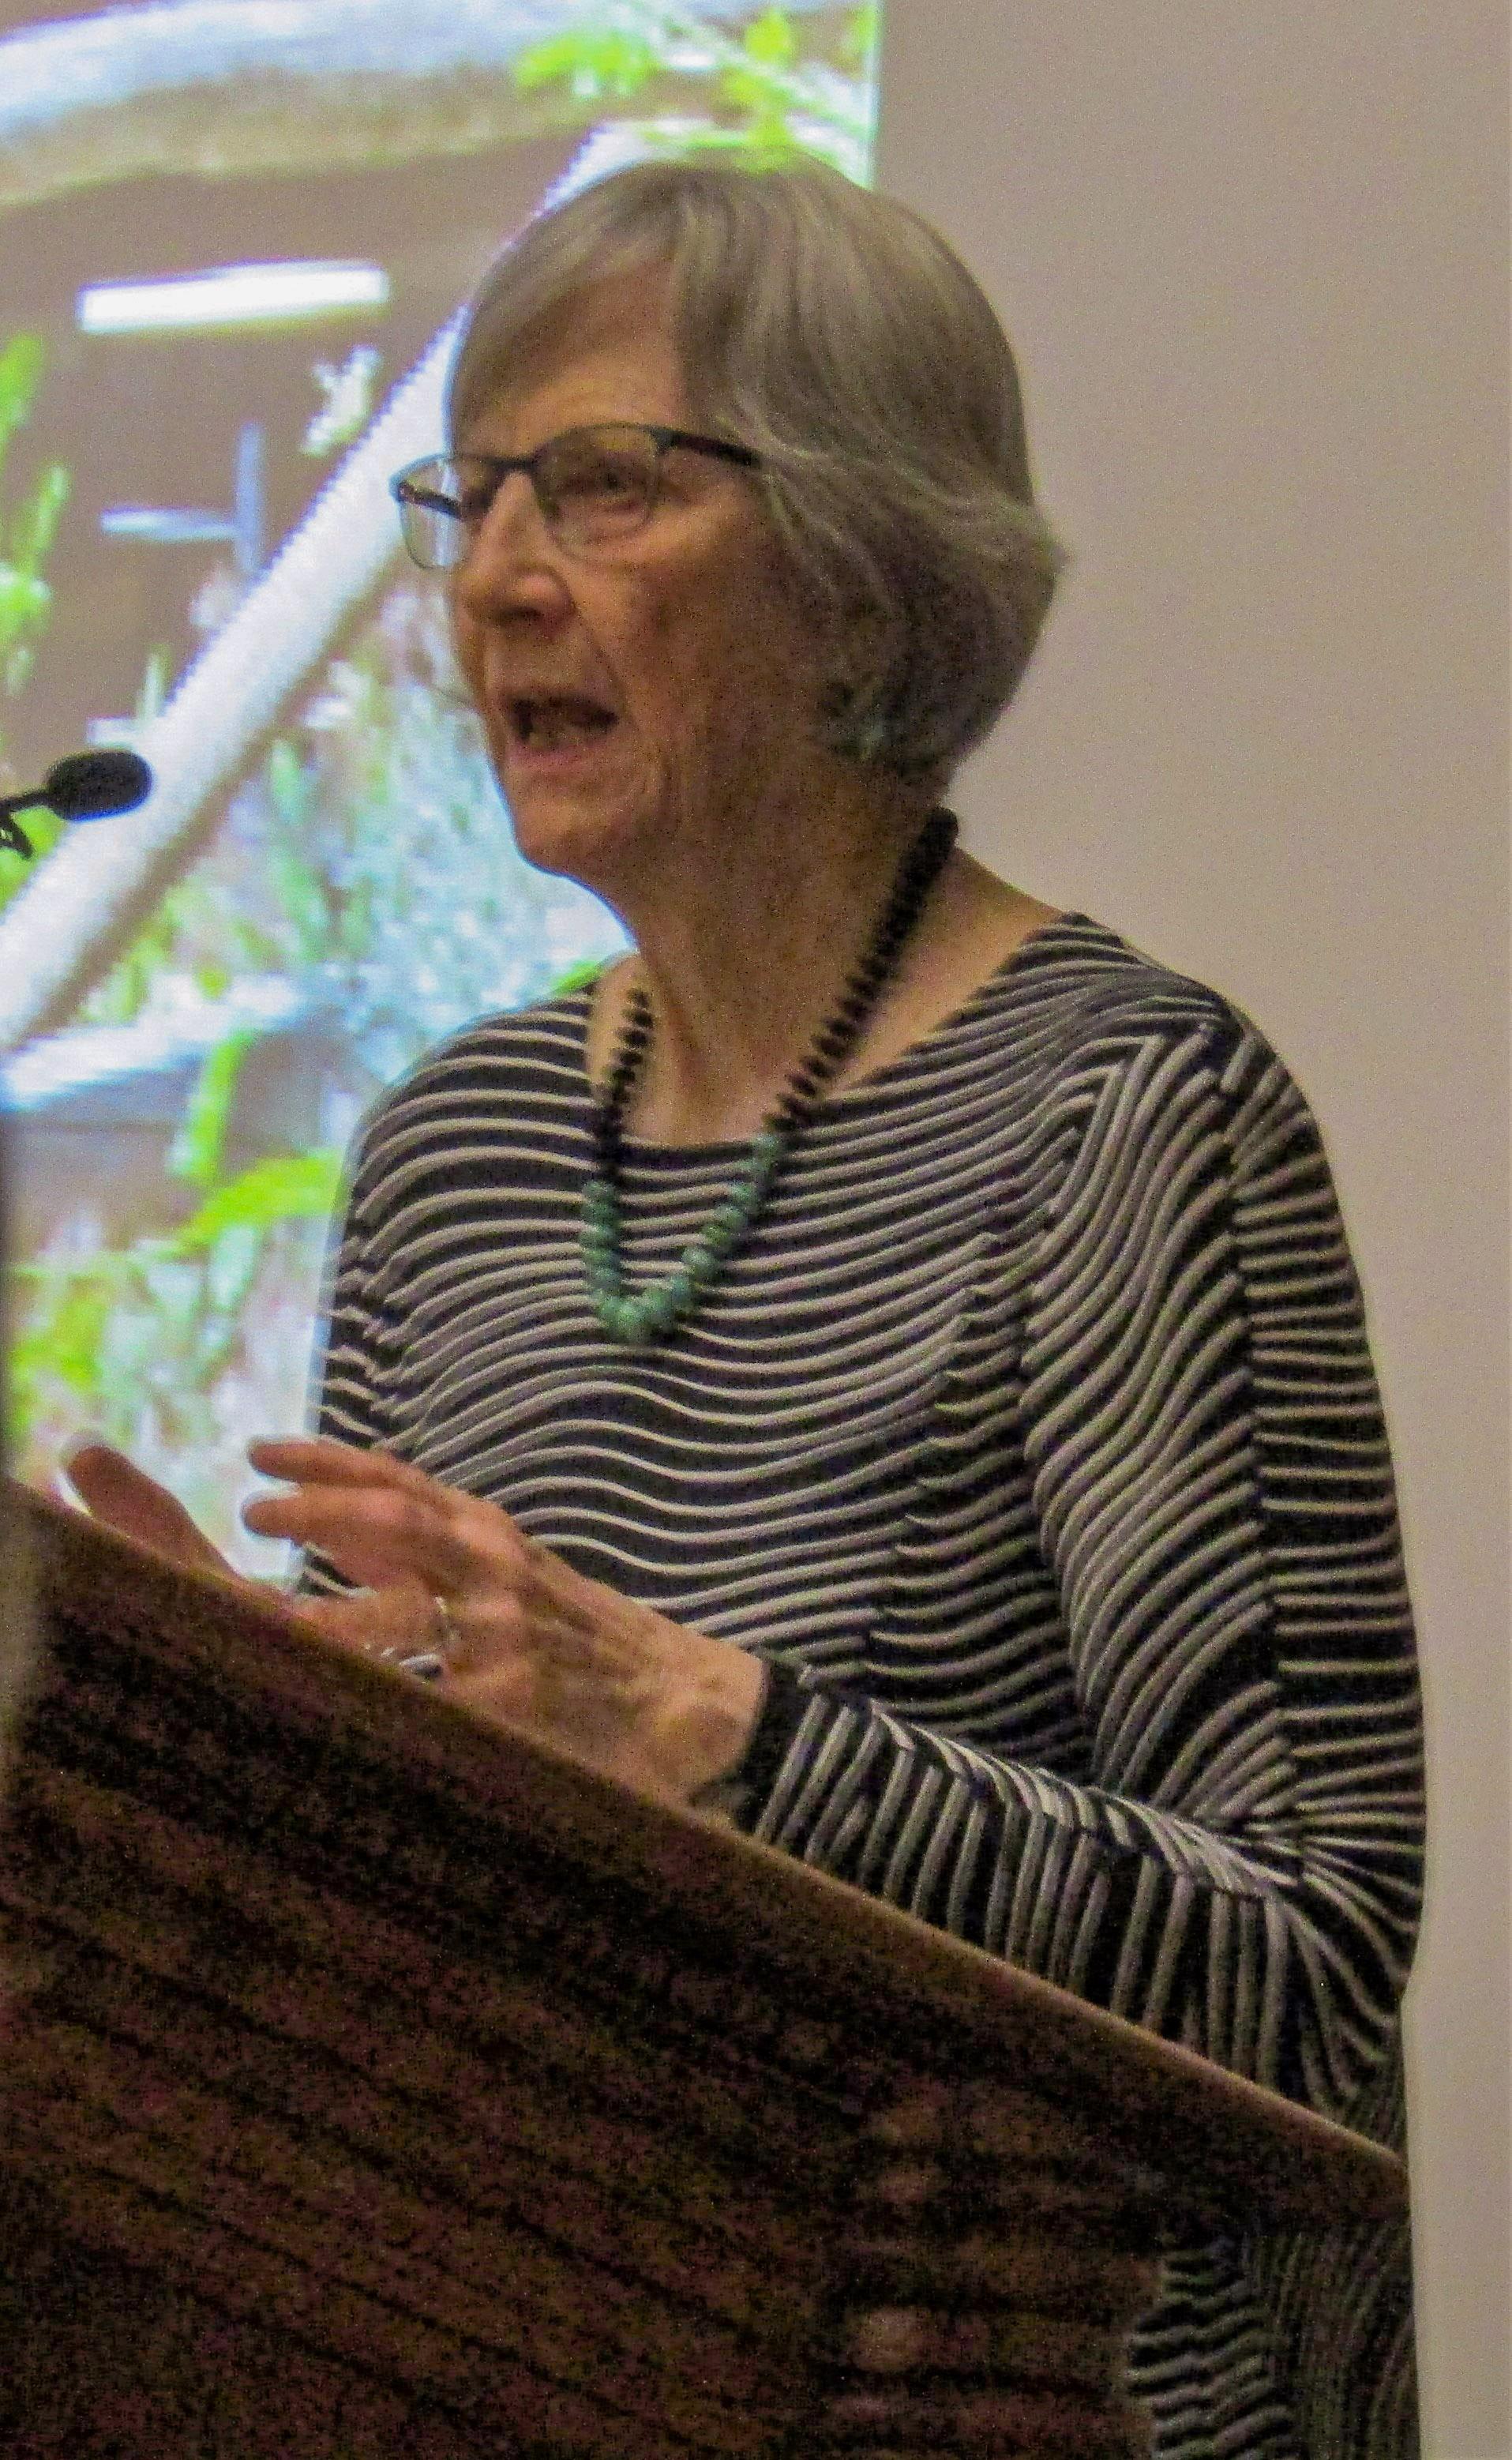 Professor Ulrich in 2017